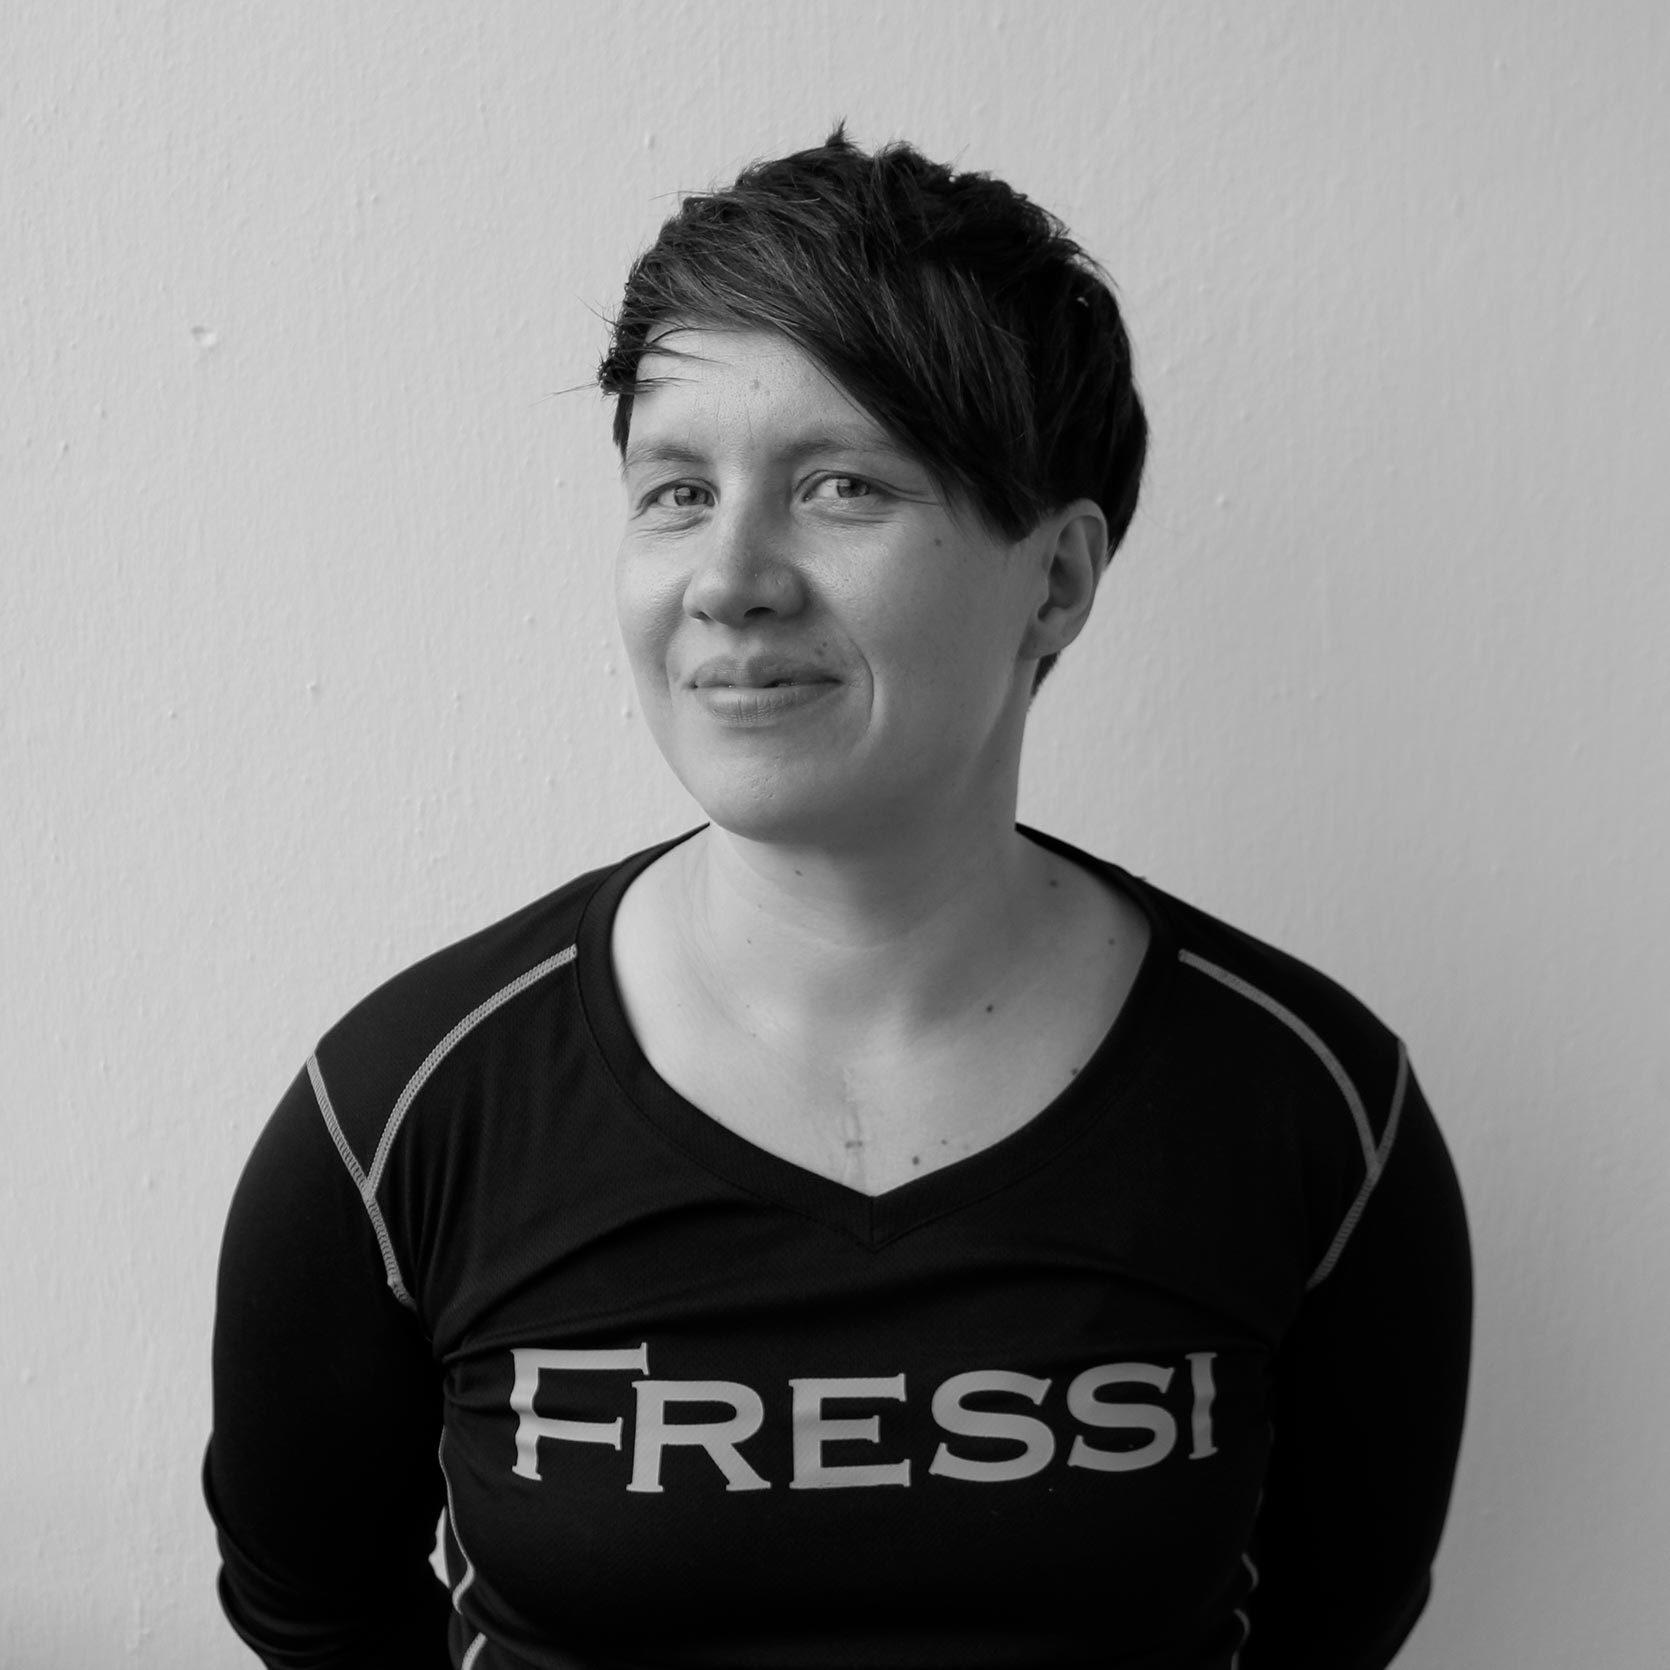 fressi_trainer_hanna_nyyssonen